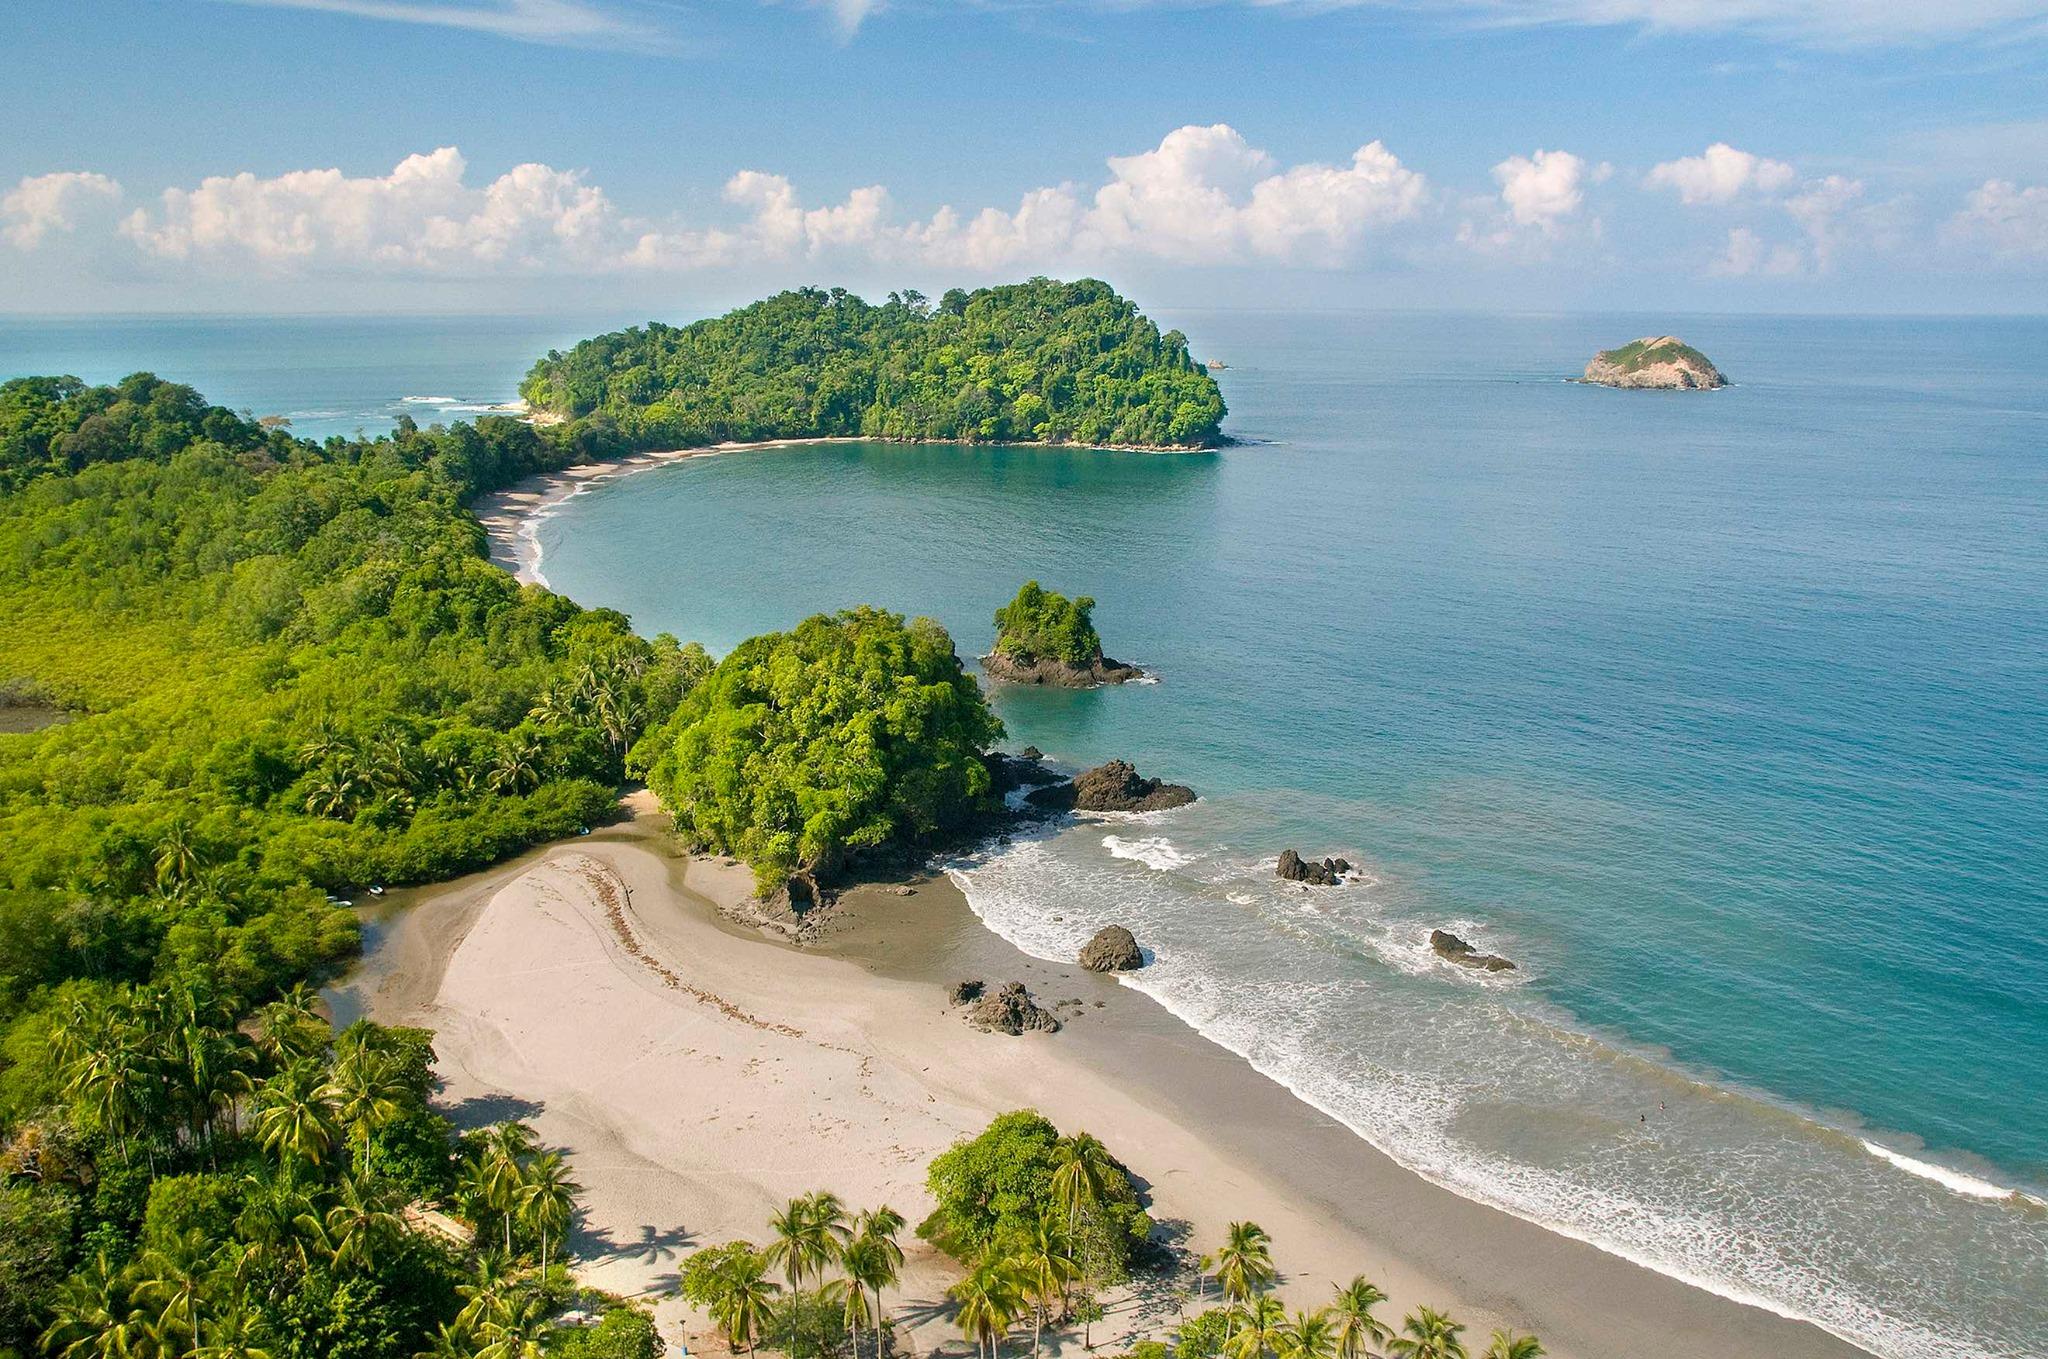 Nueva línea de crédito de 50 mdd para Pymes del sector turismo en Costa Rica